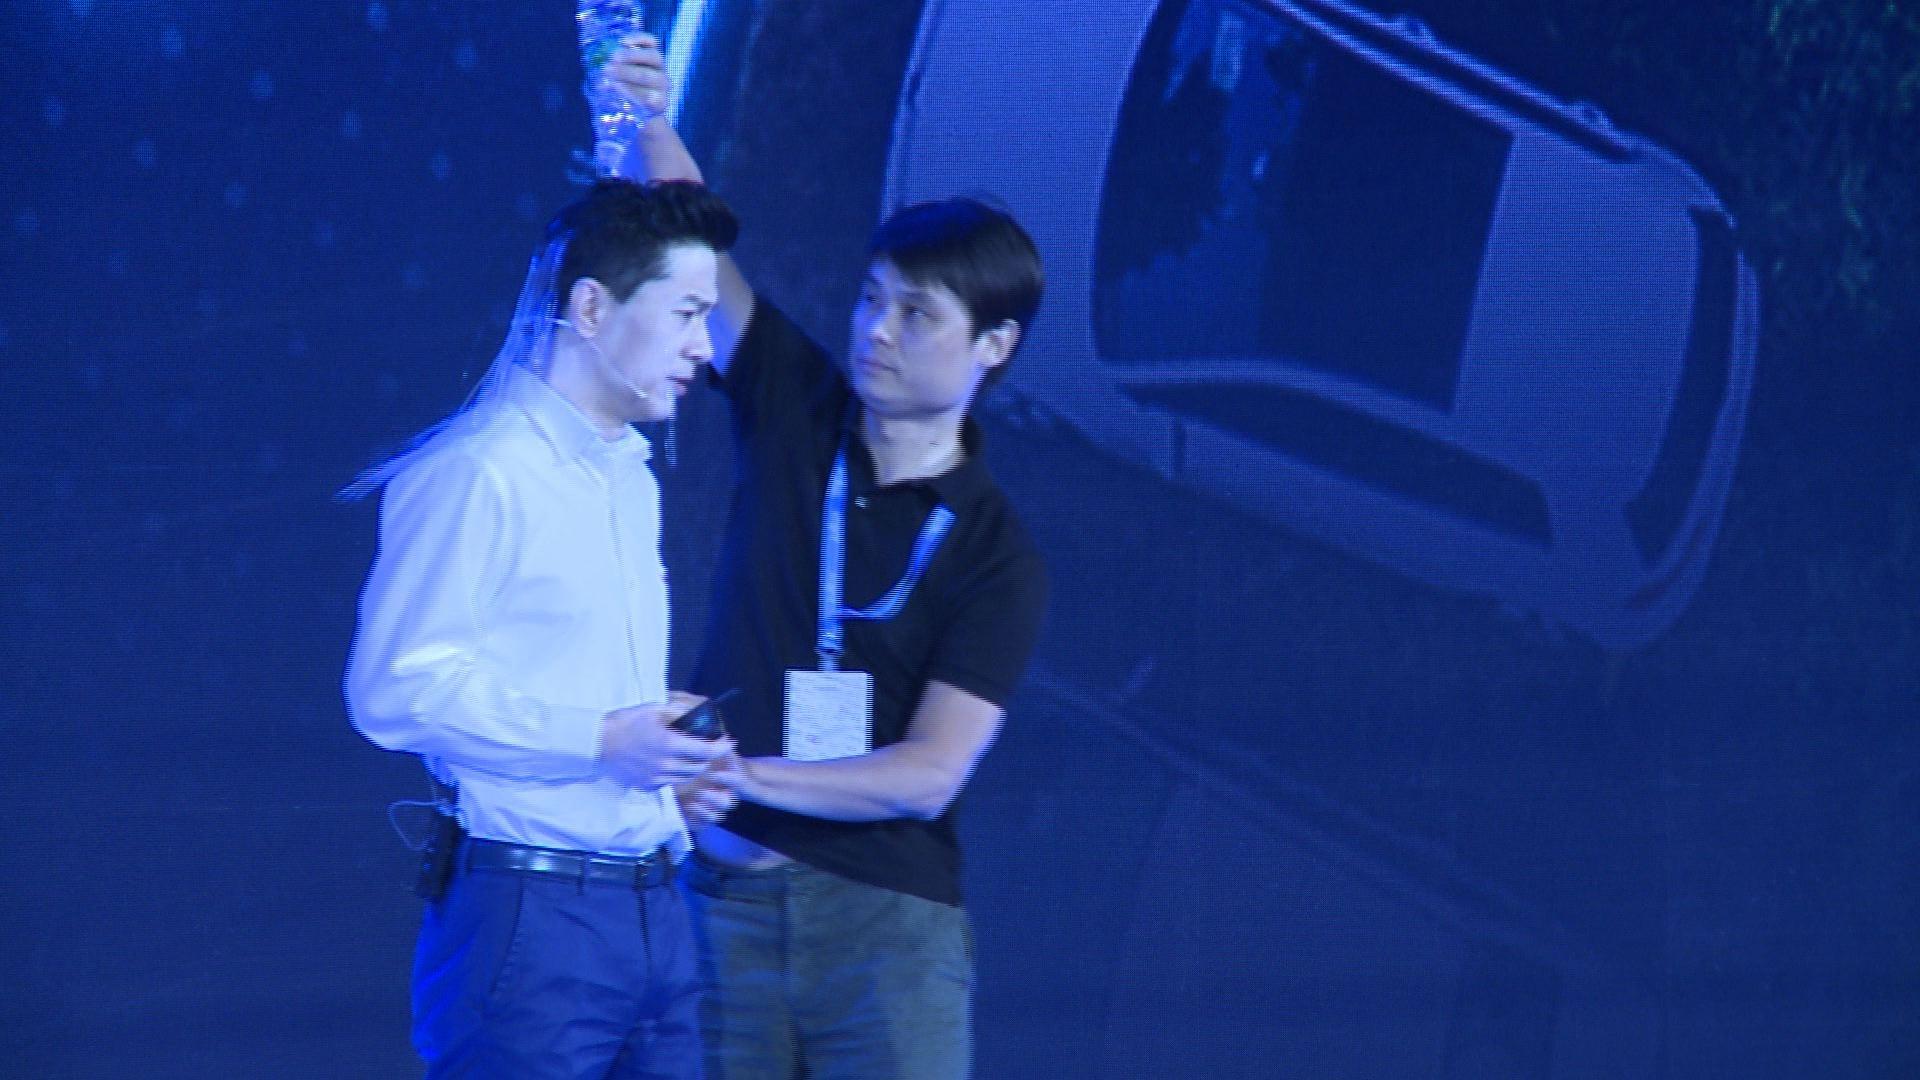 CEO de Baidu pasó vergüenza en evento de desarrolladores.